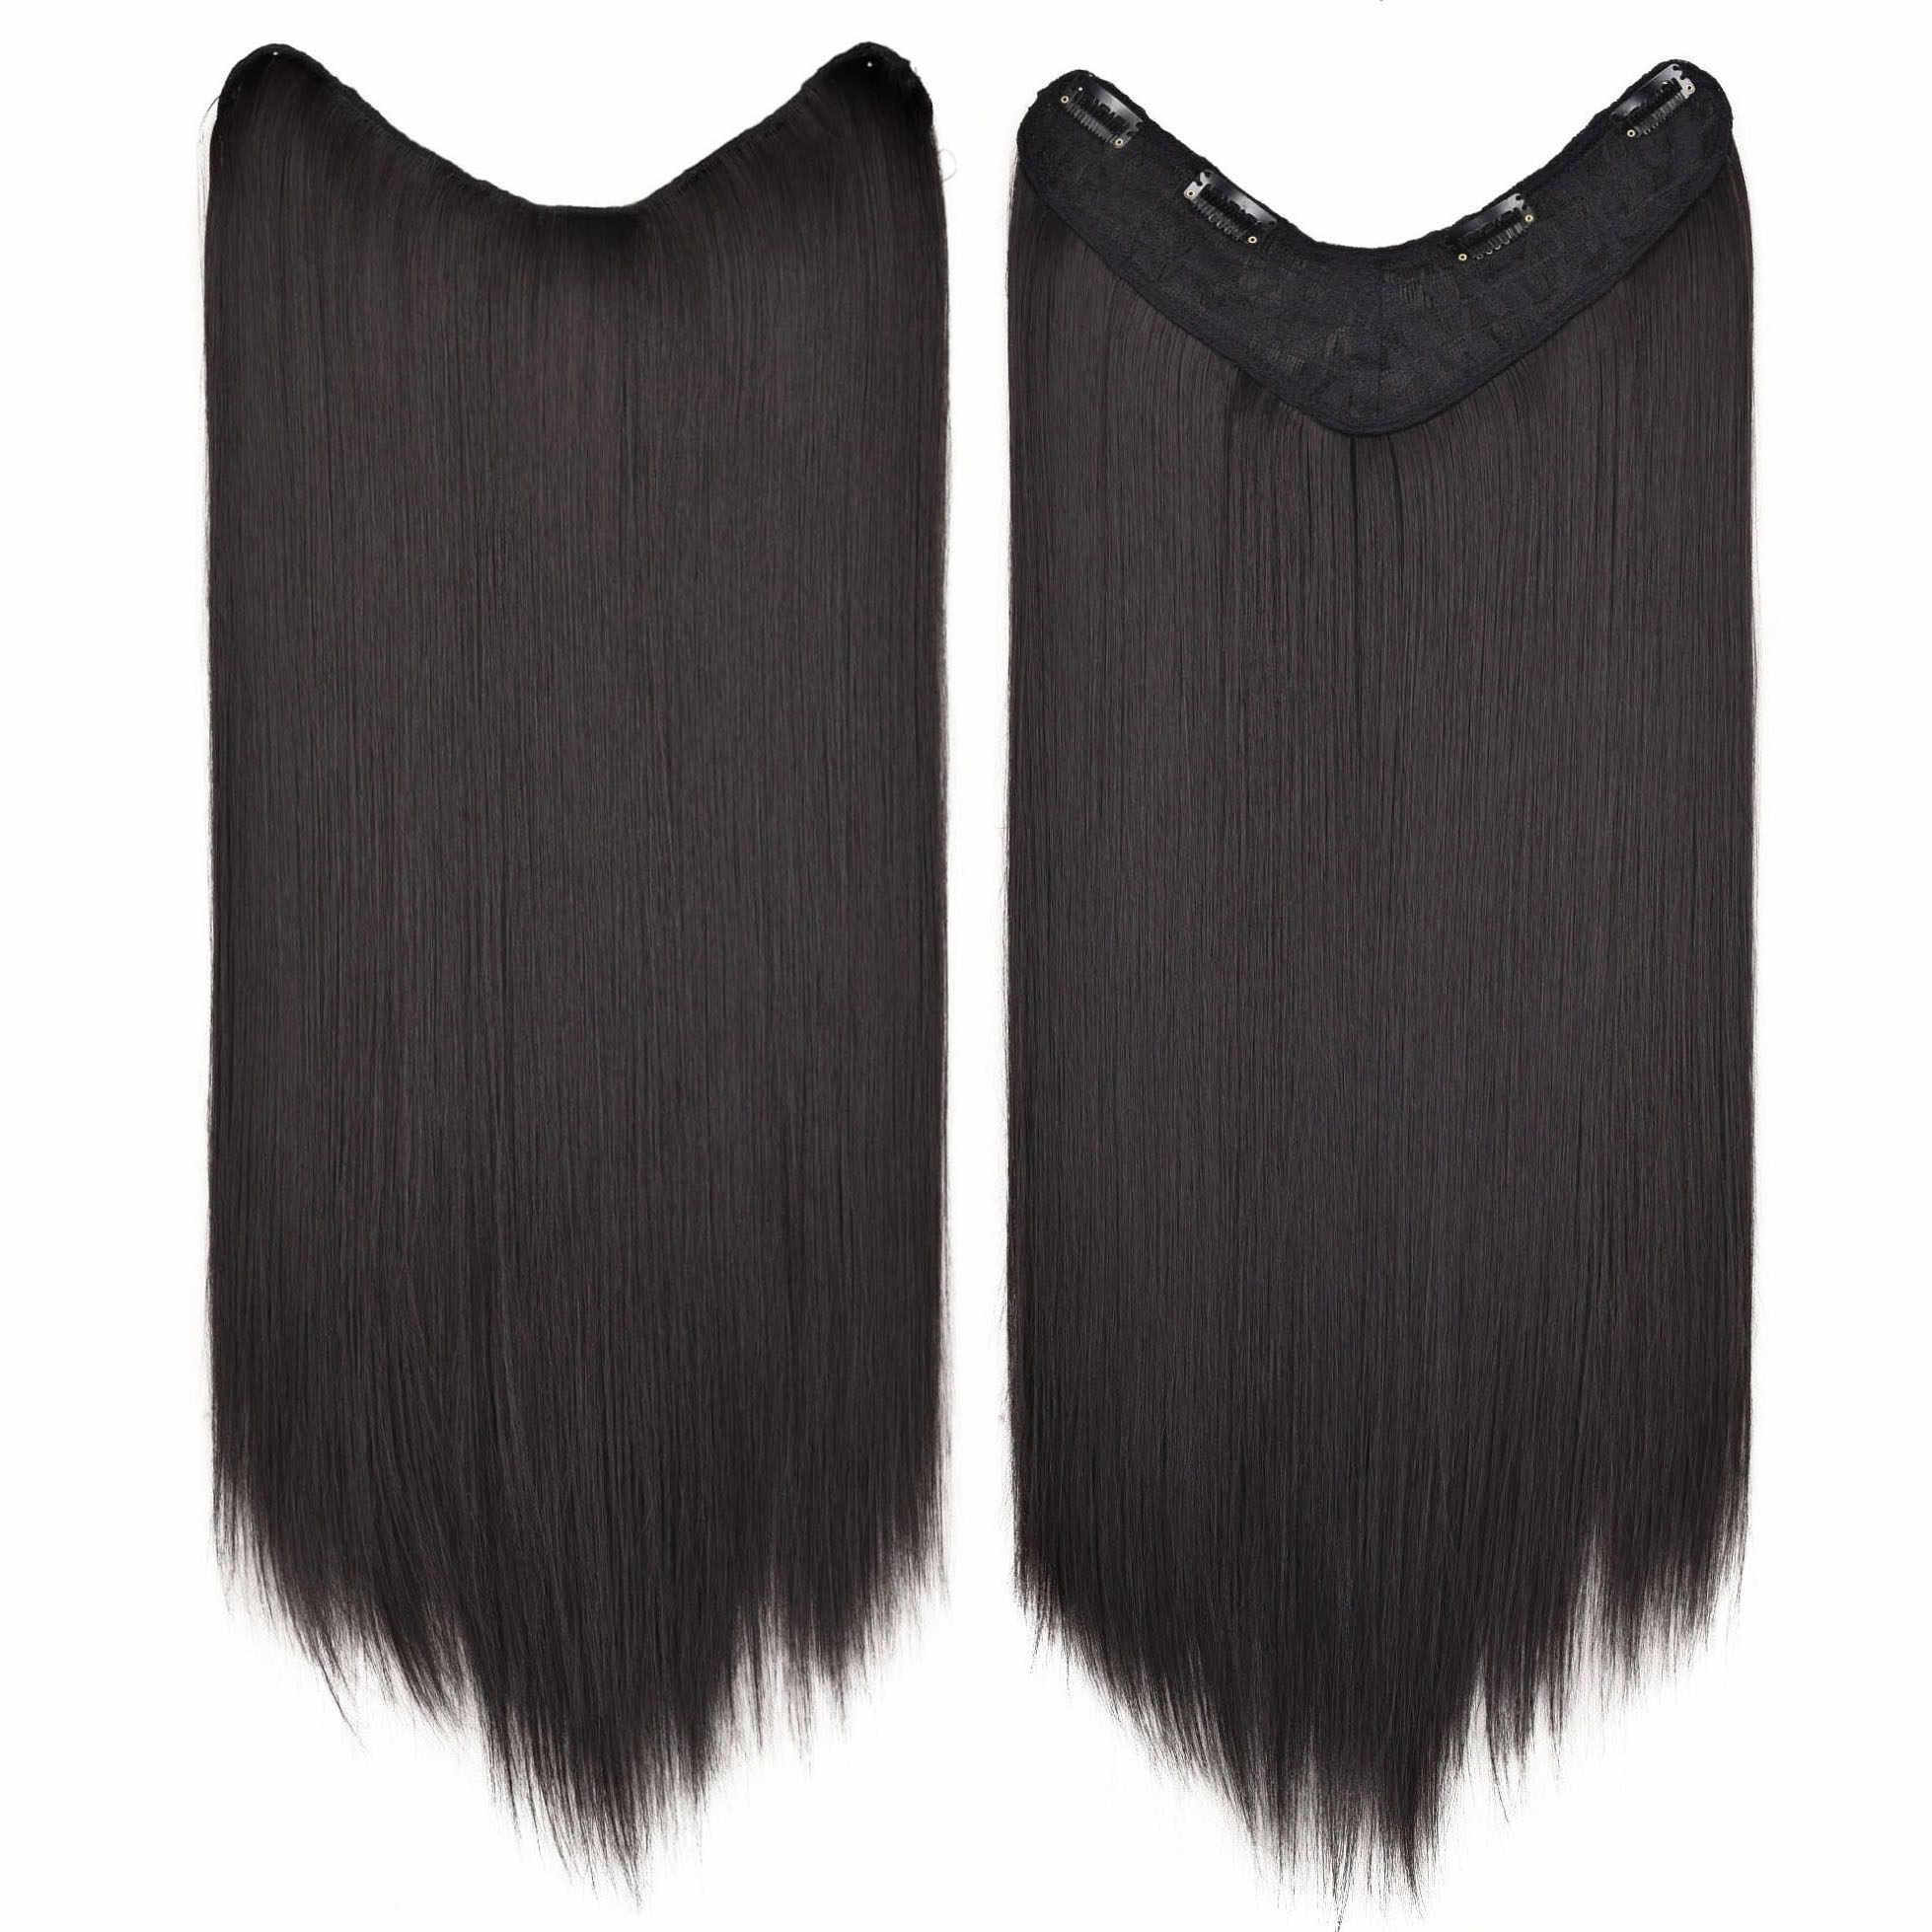 BEIYUFEI 24 ''długie proste syntetyczne w kształcie litery U do włosów peruka dla kobiet Ombre w kształcie litery U części włosy doczepiane clip in niebieski czarny treski